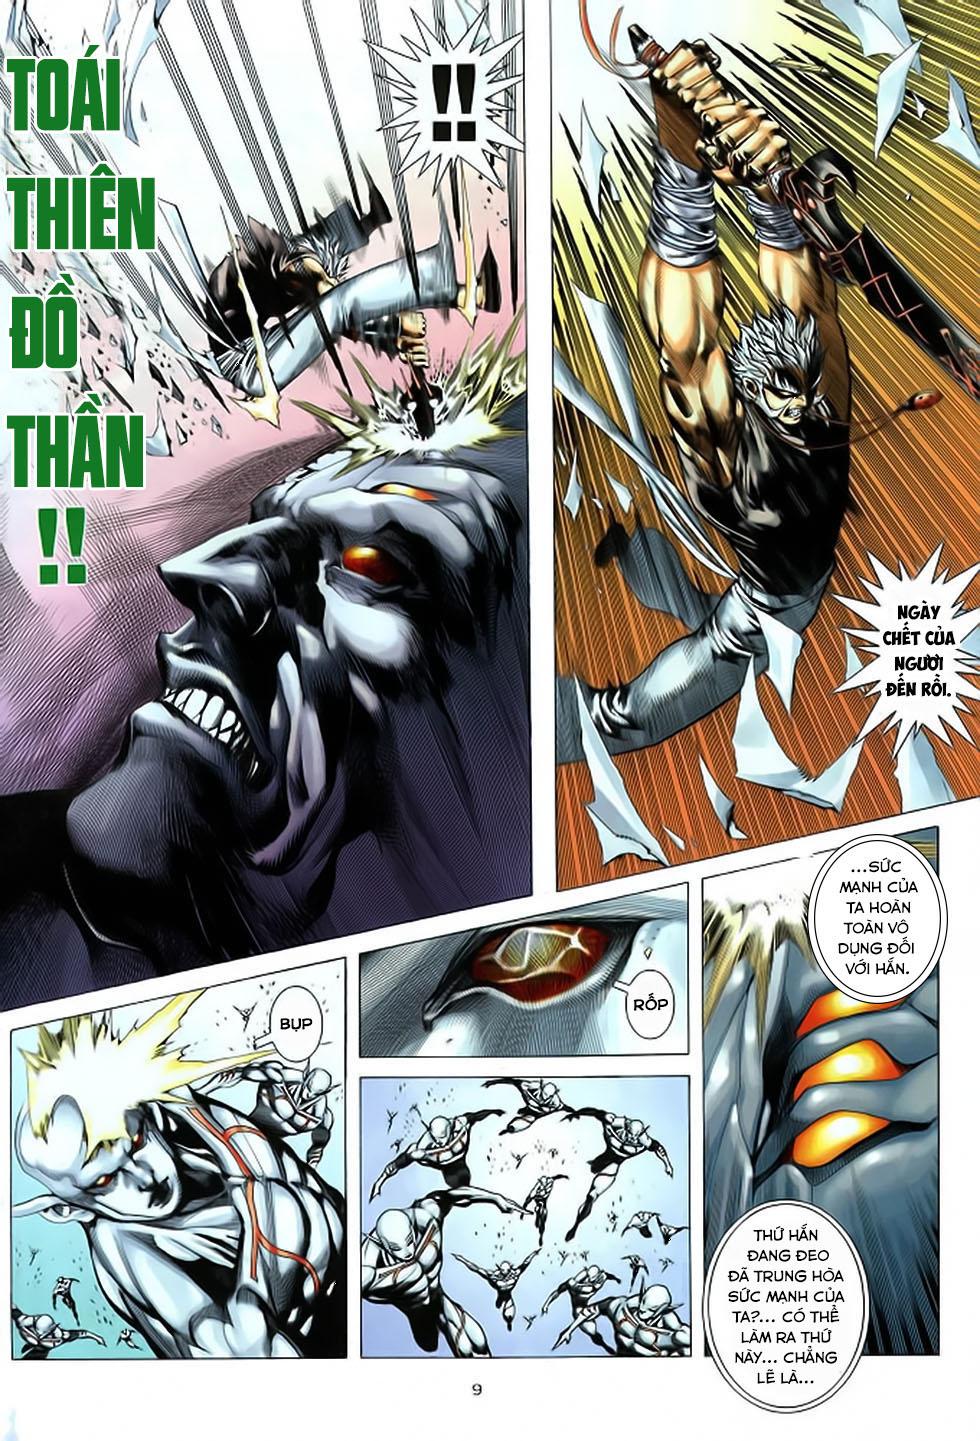 Chiến Thần Ký chap 39 - Trang 10